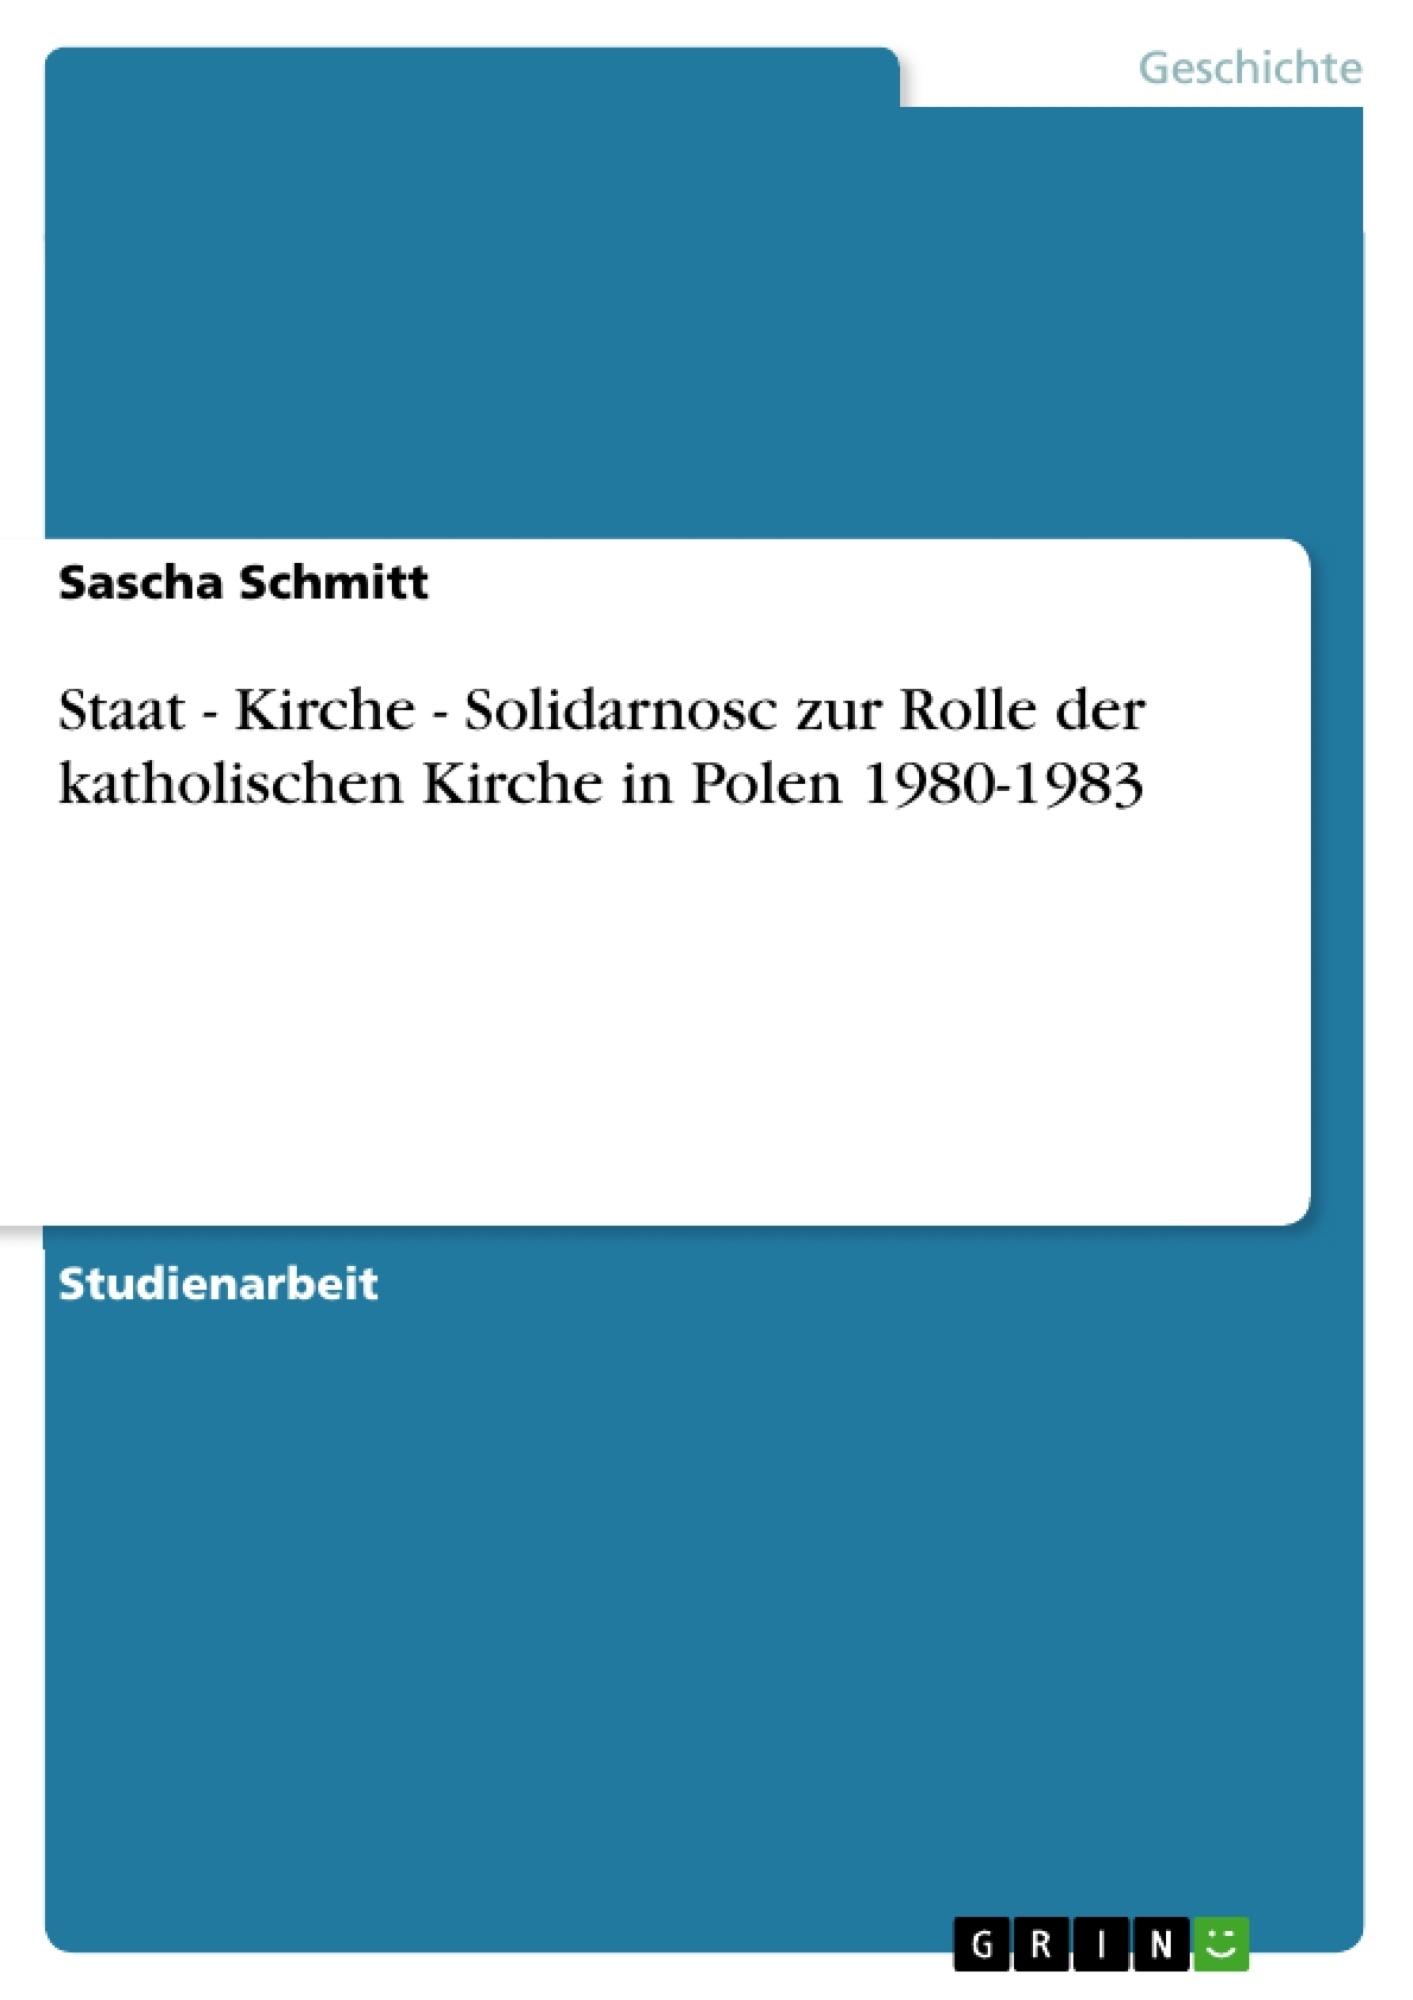 Titel: Staat - Kirche - Solidarnosc zur Rolle der katholischen Kirche in Polen 1980-1983